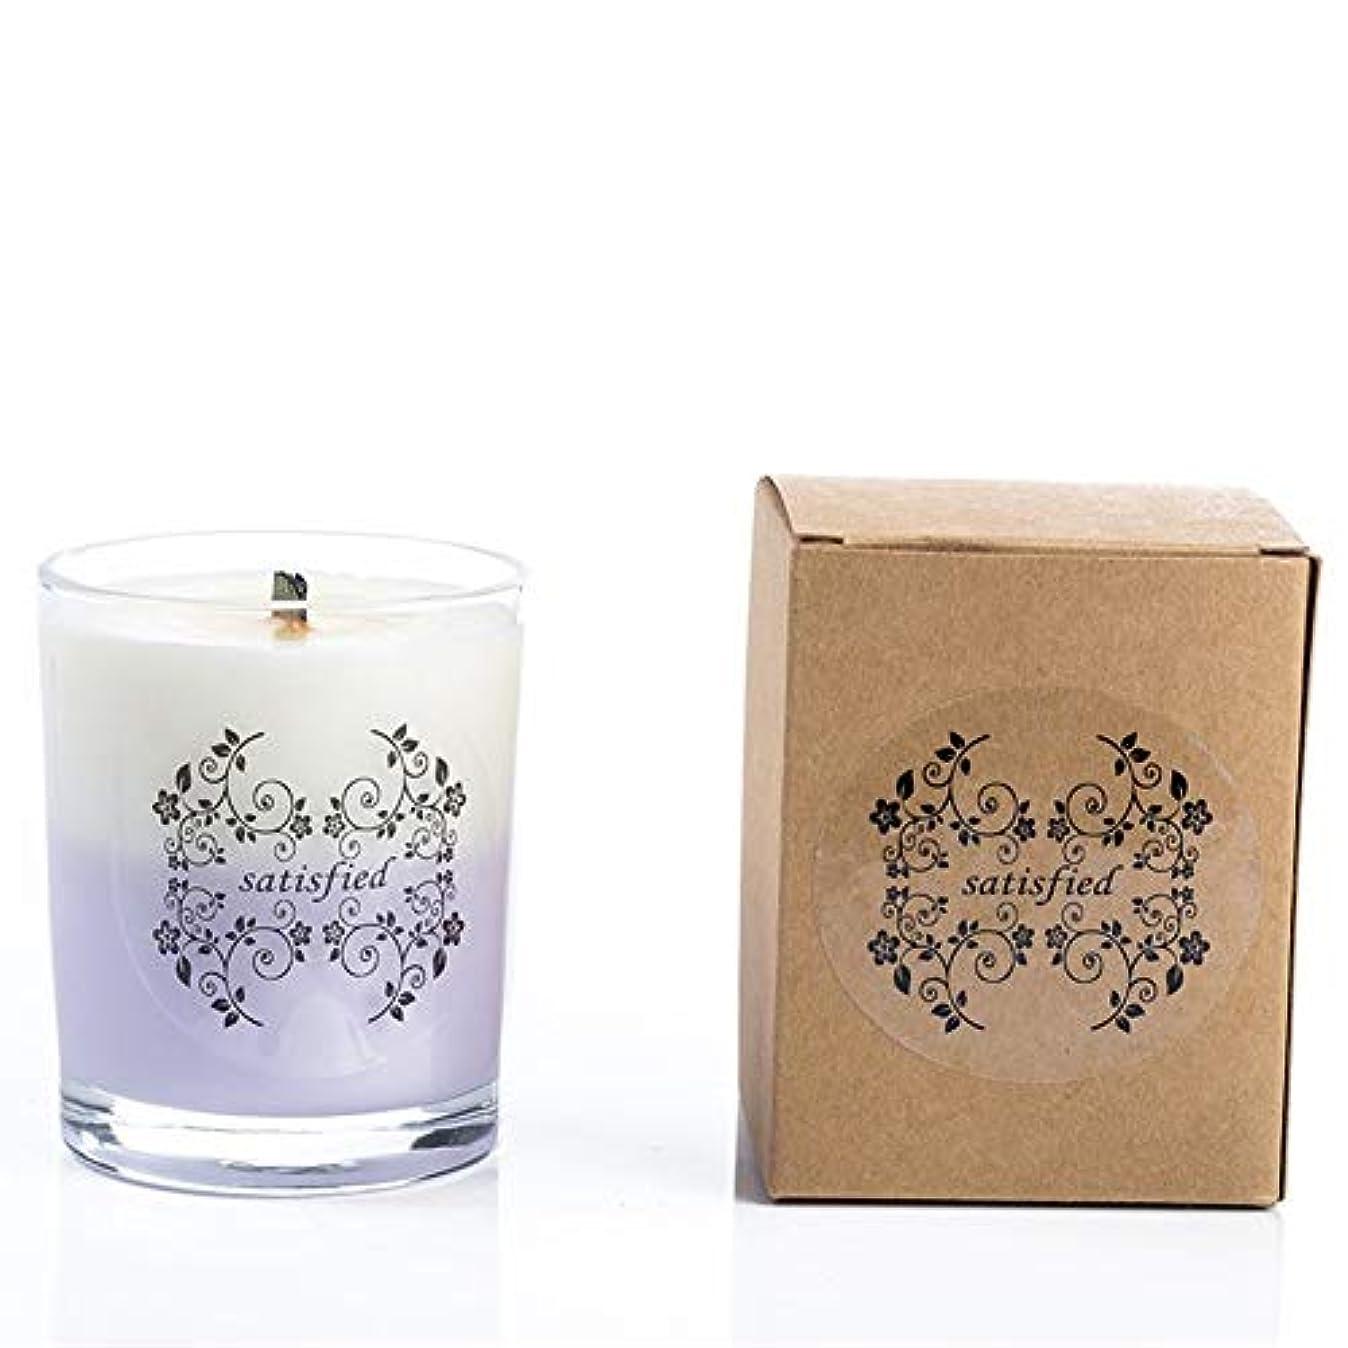 田舎者結核優しさACAO ガラスのツートンの香料入りの蝋燭のハンドメイドの無煙の香りの家の香料入りの蝋燭 (色 : Grapefruit)